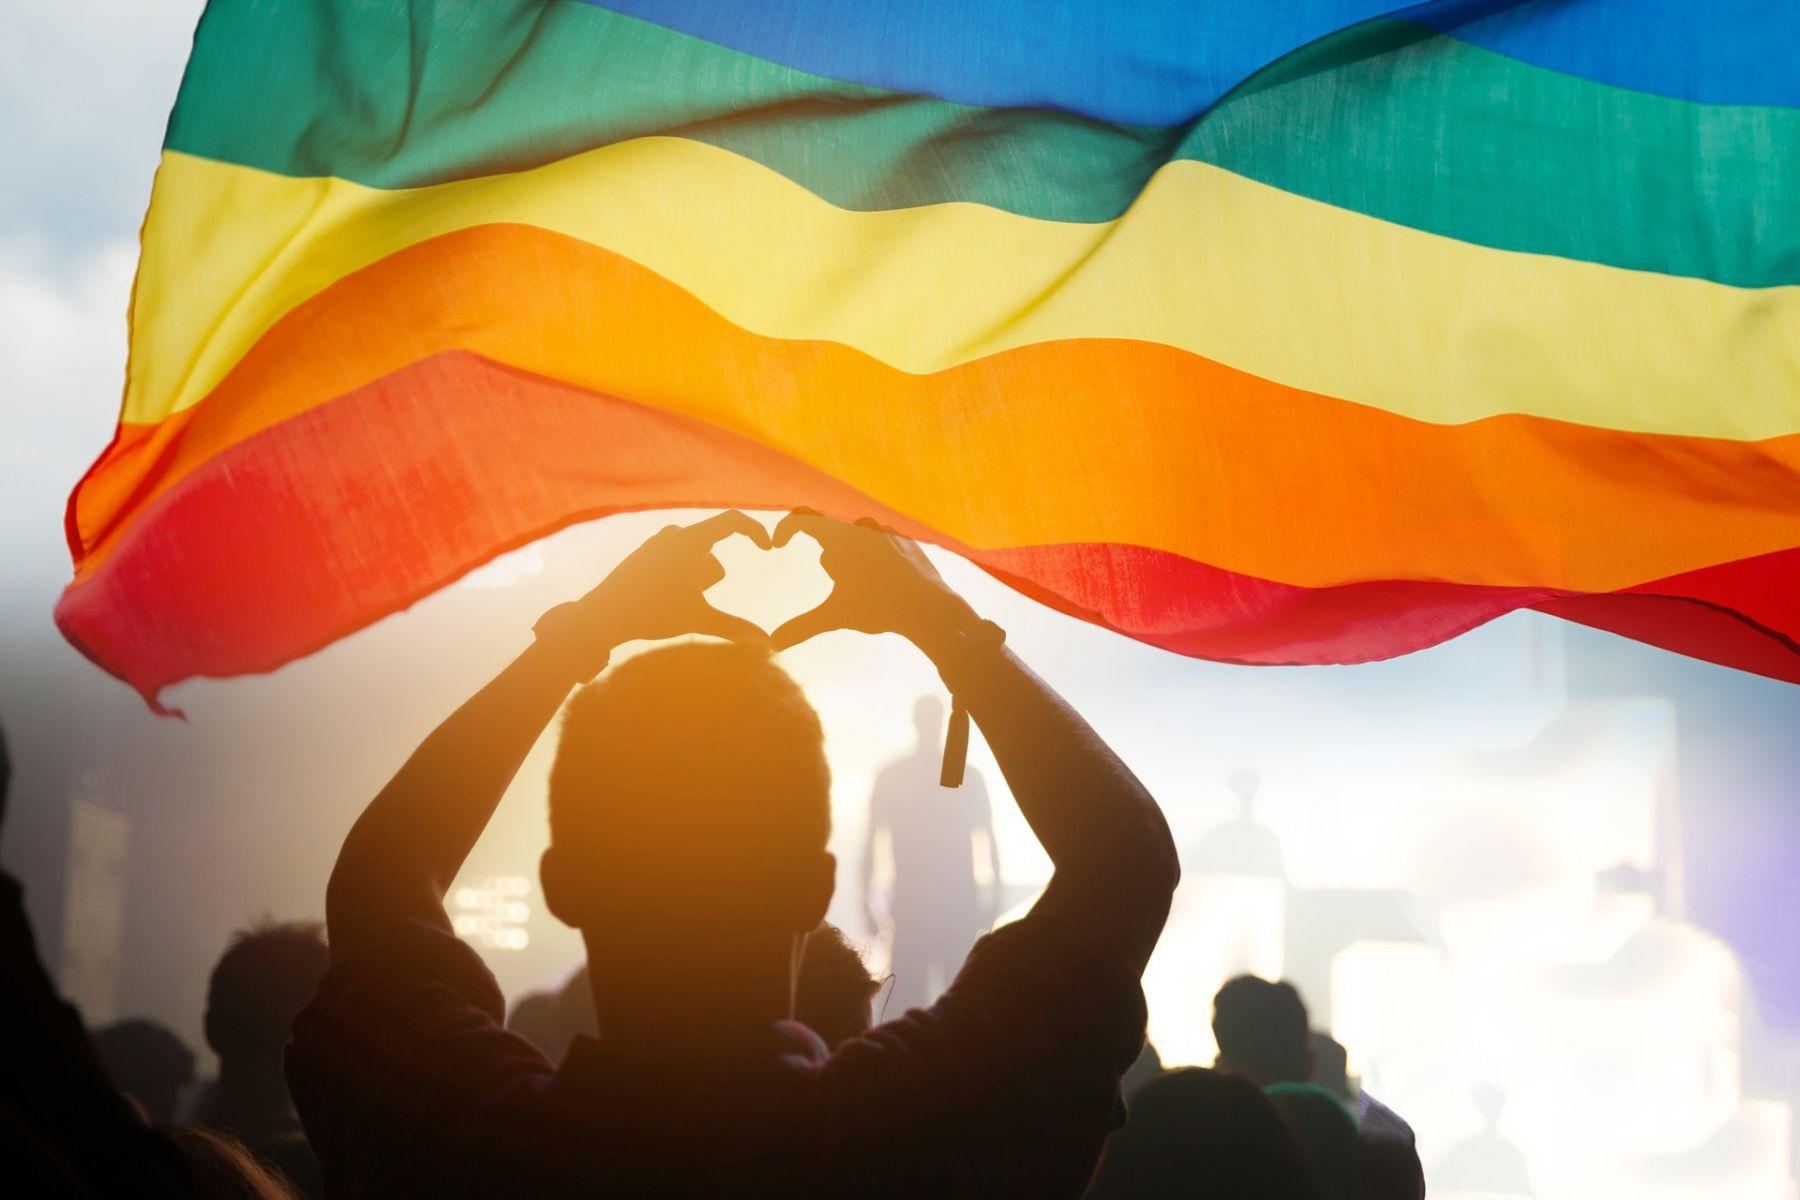 為何同志婚姻堅持民法保障?呂秋遠:差在「把他們當人看」,還是「他們本來就是人」